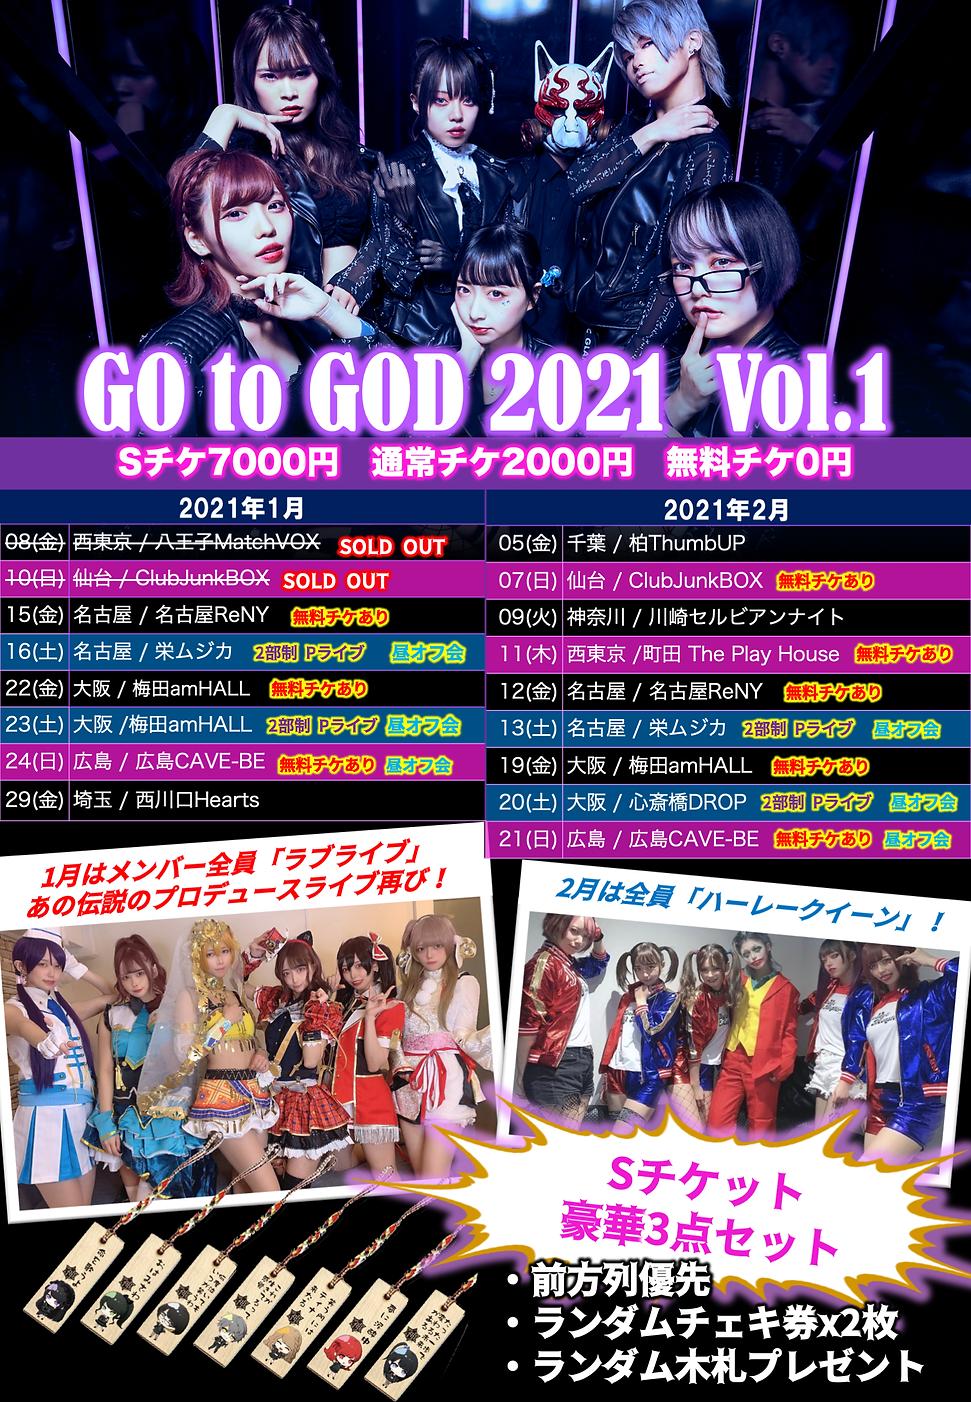 2021-01-12_gotogod2021vol1.png